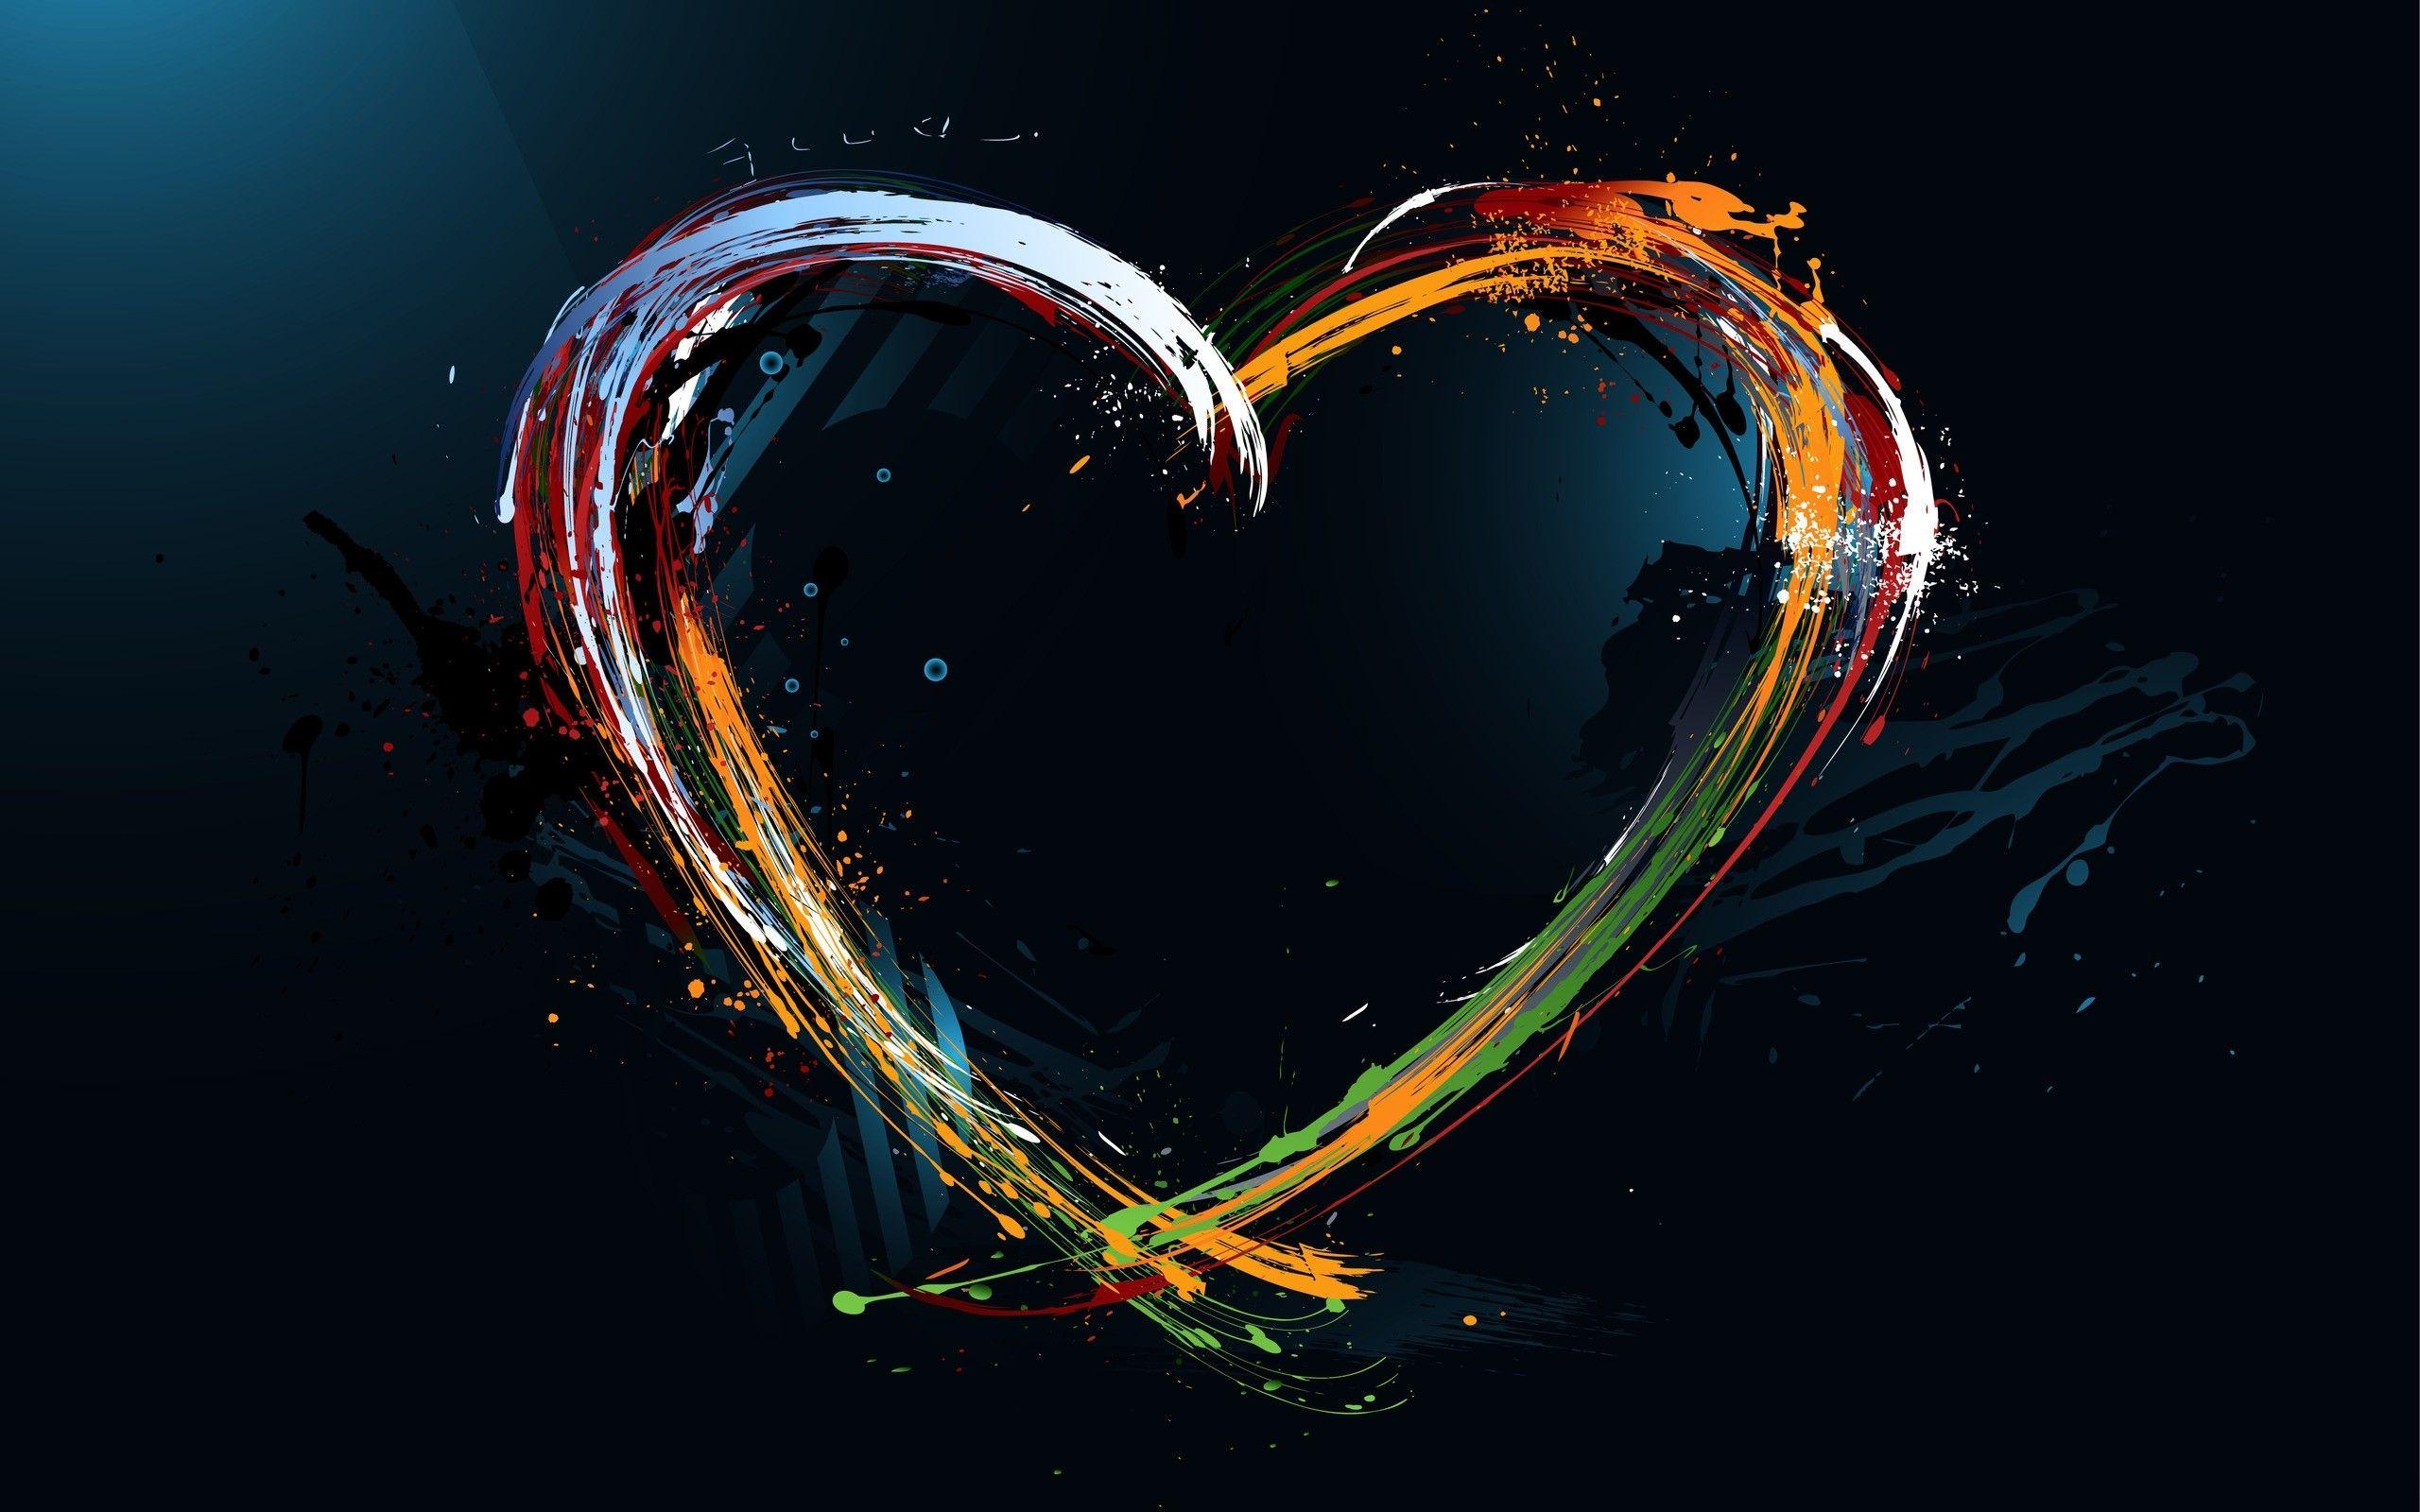 Love Abstract Design Wallpapers Fondos De Pantalla Amor